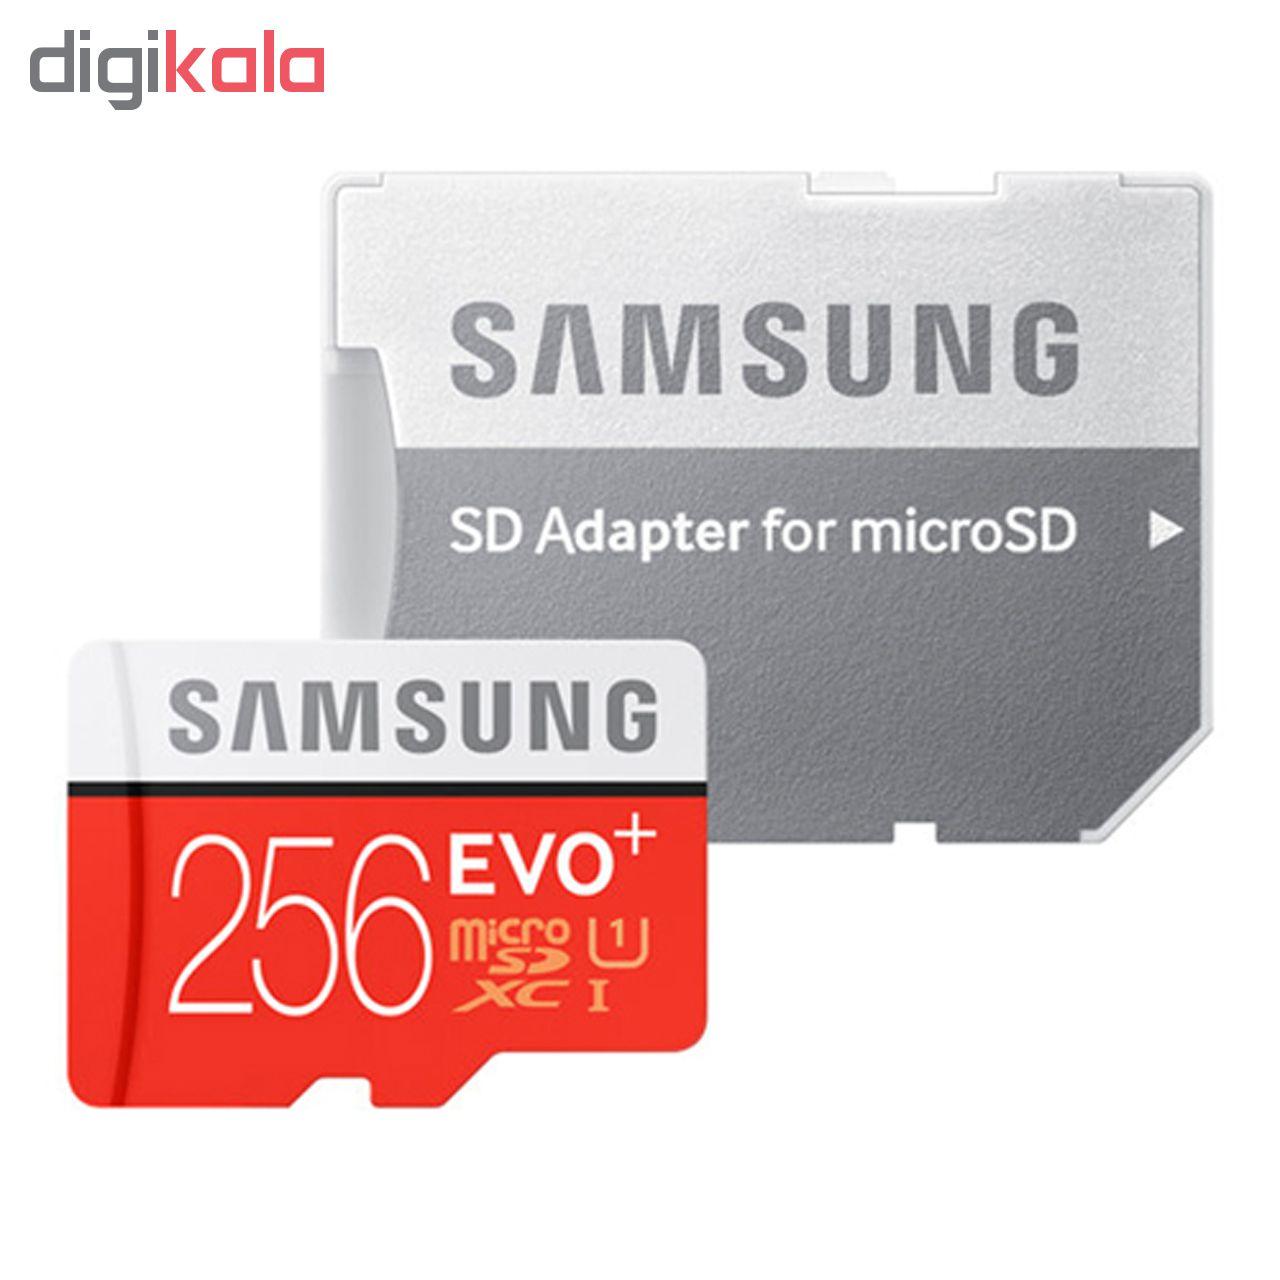 کارت حافظه microSDXC مدل Evo Plus کلاس 10 استاندارد UHS-I U1 سرعت 80MBps ظرفیت 256 گیگابایت به همر